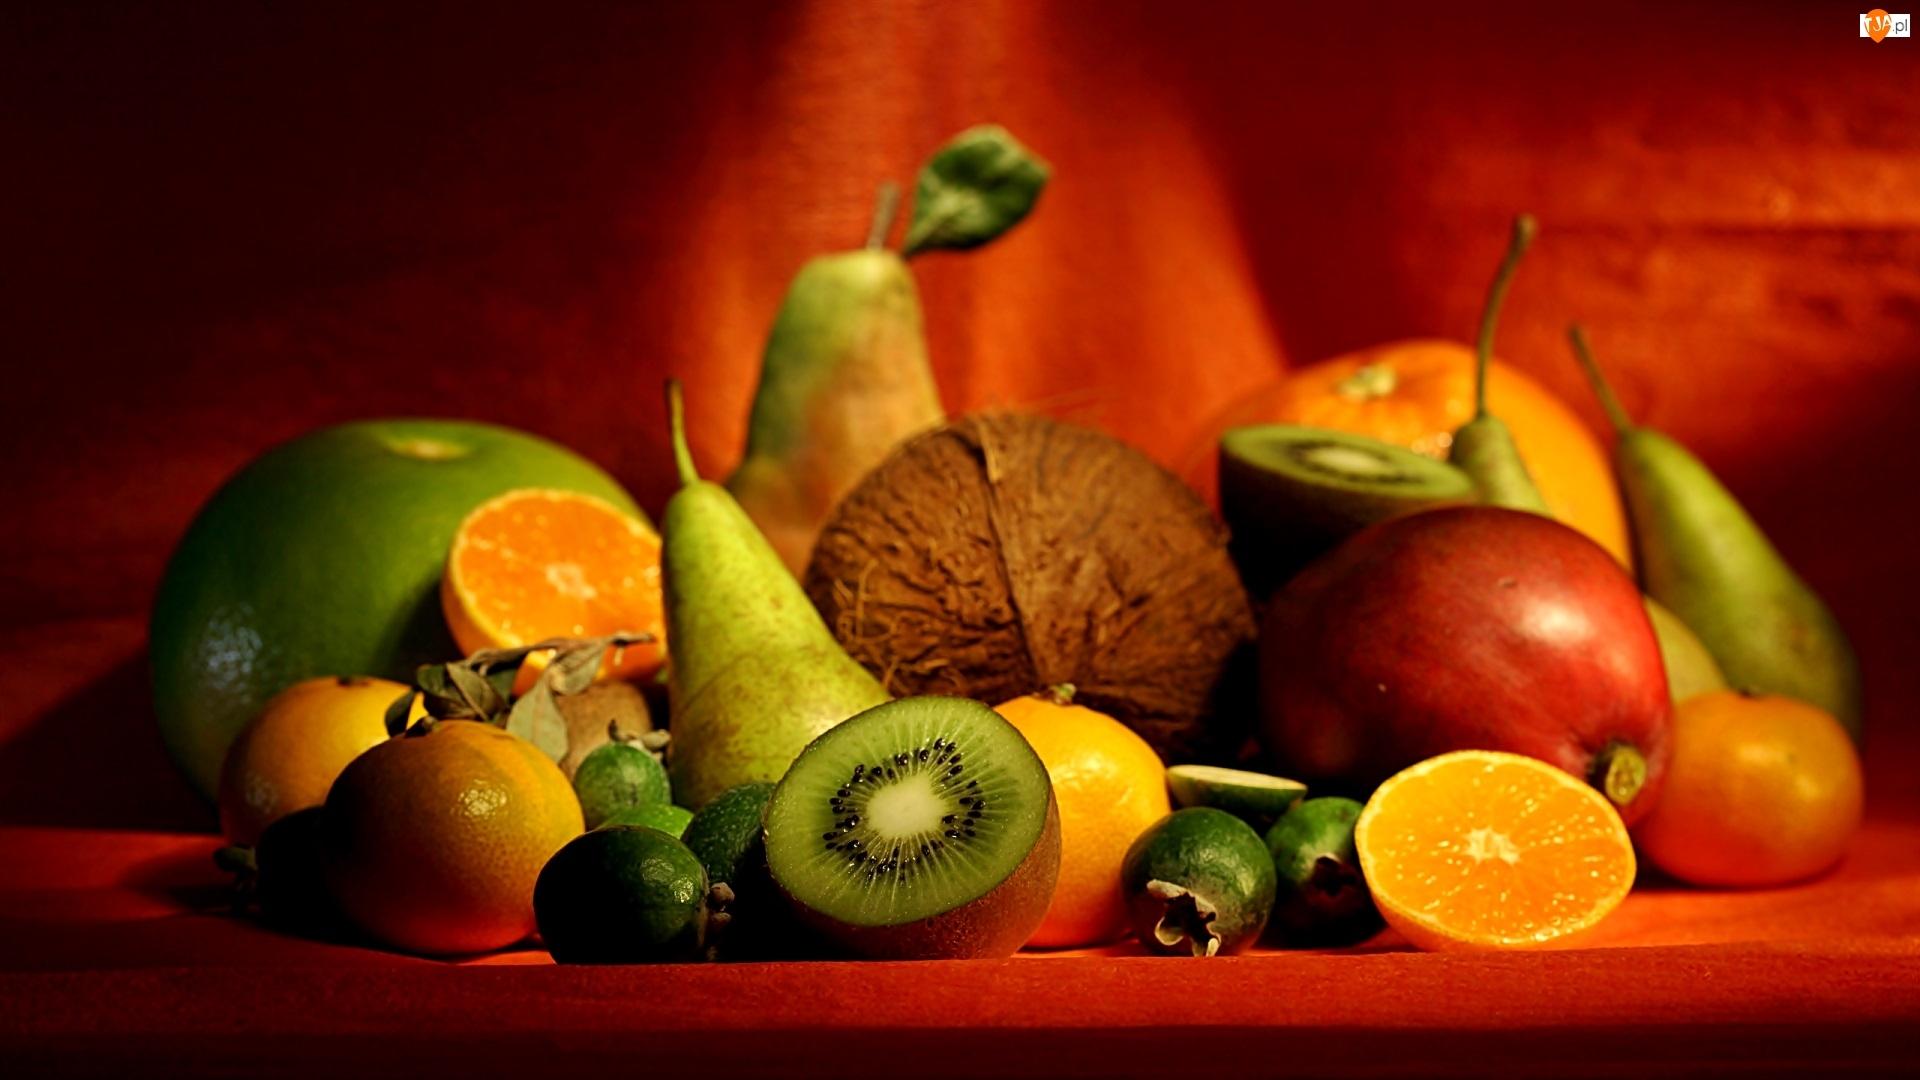 Owoce, Pomarańcze, Kiwi, Gruszki